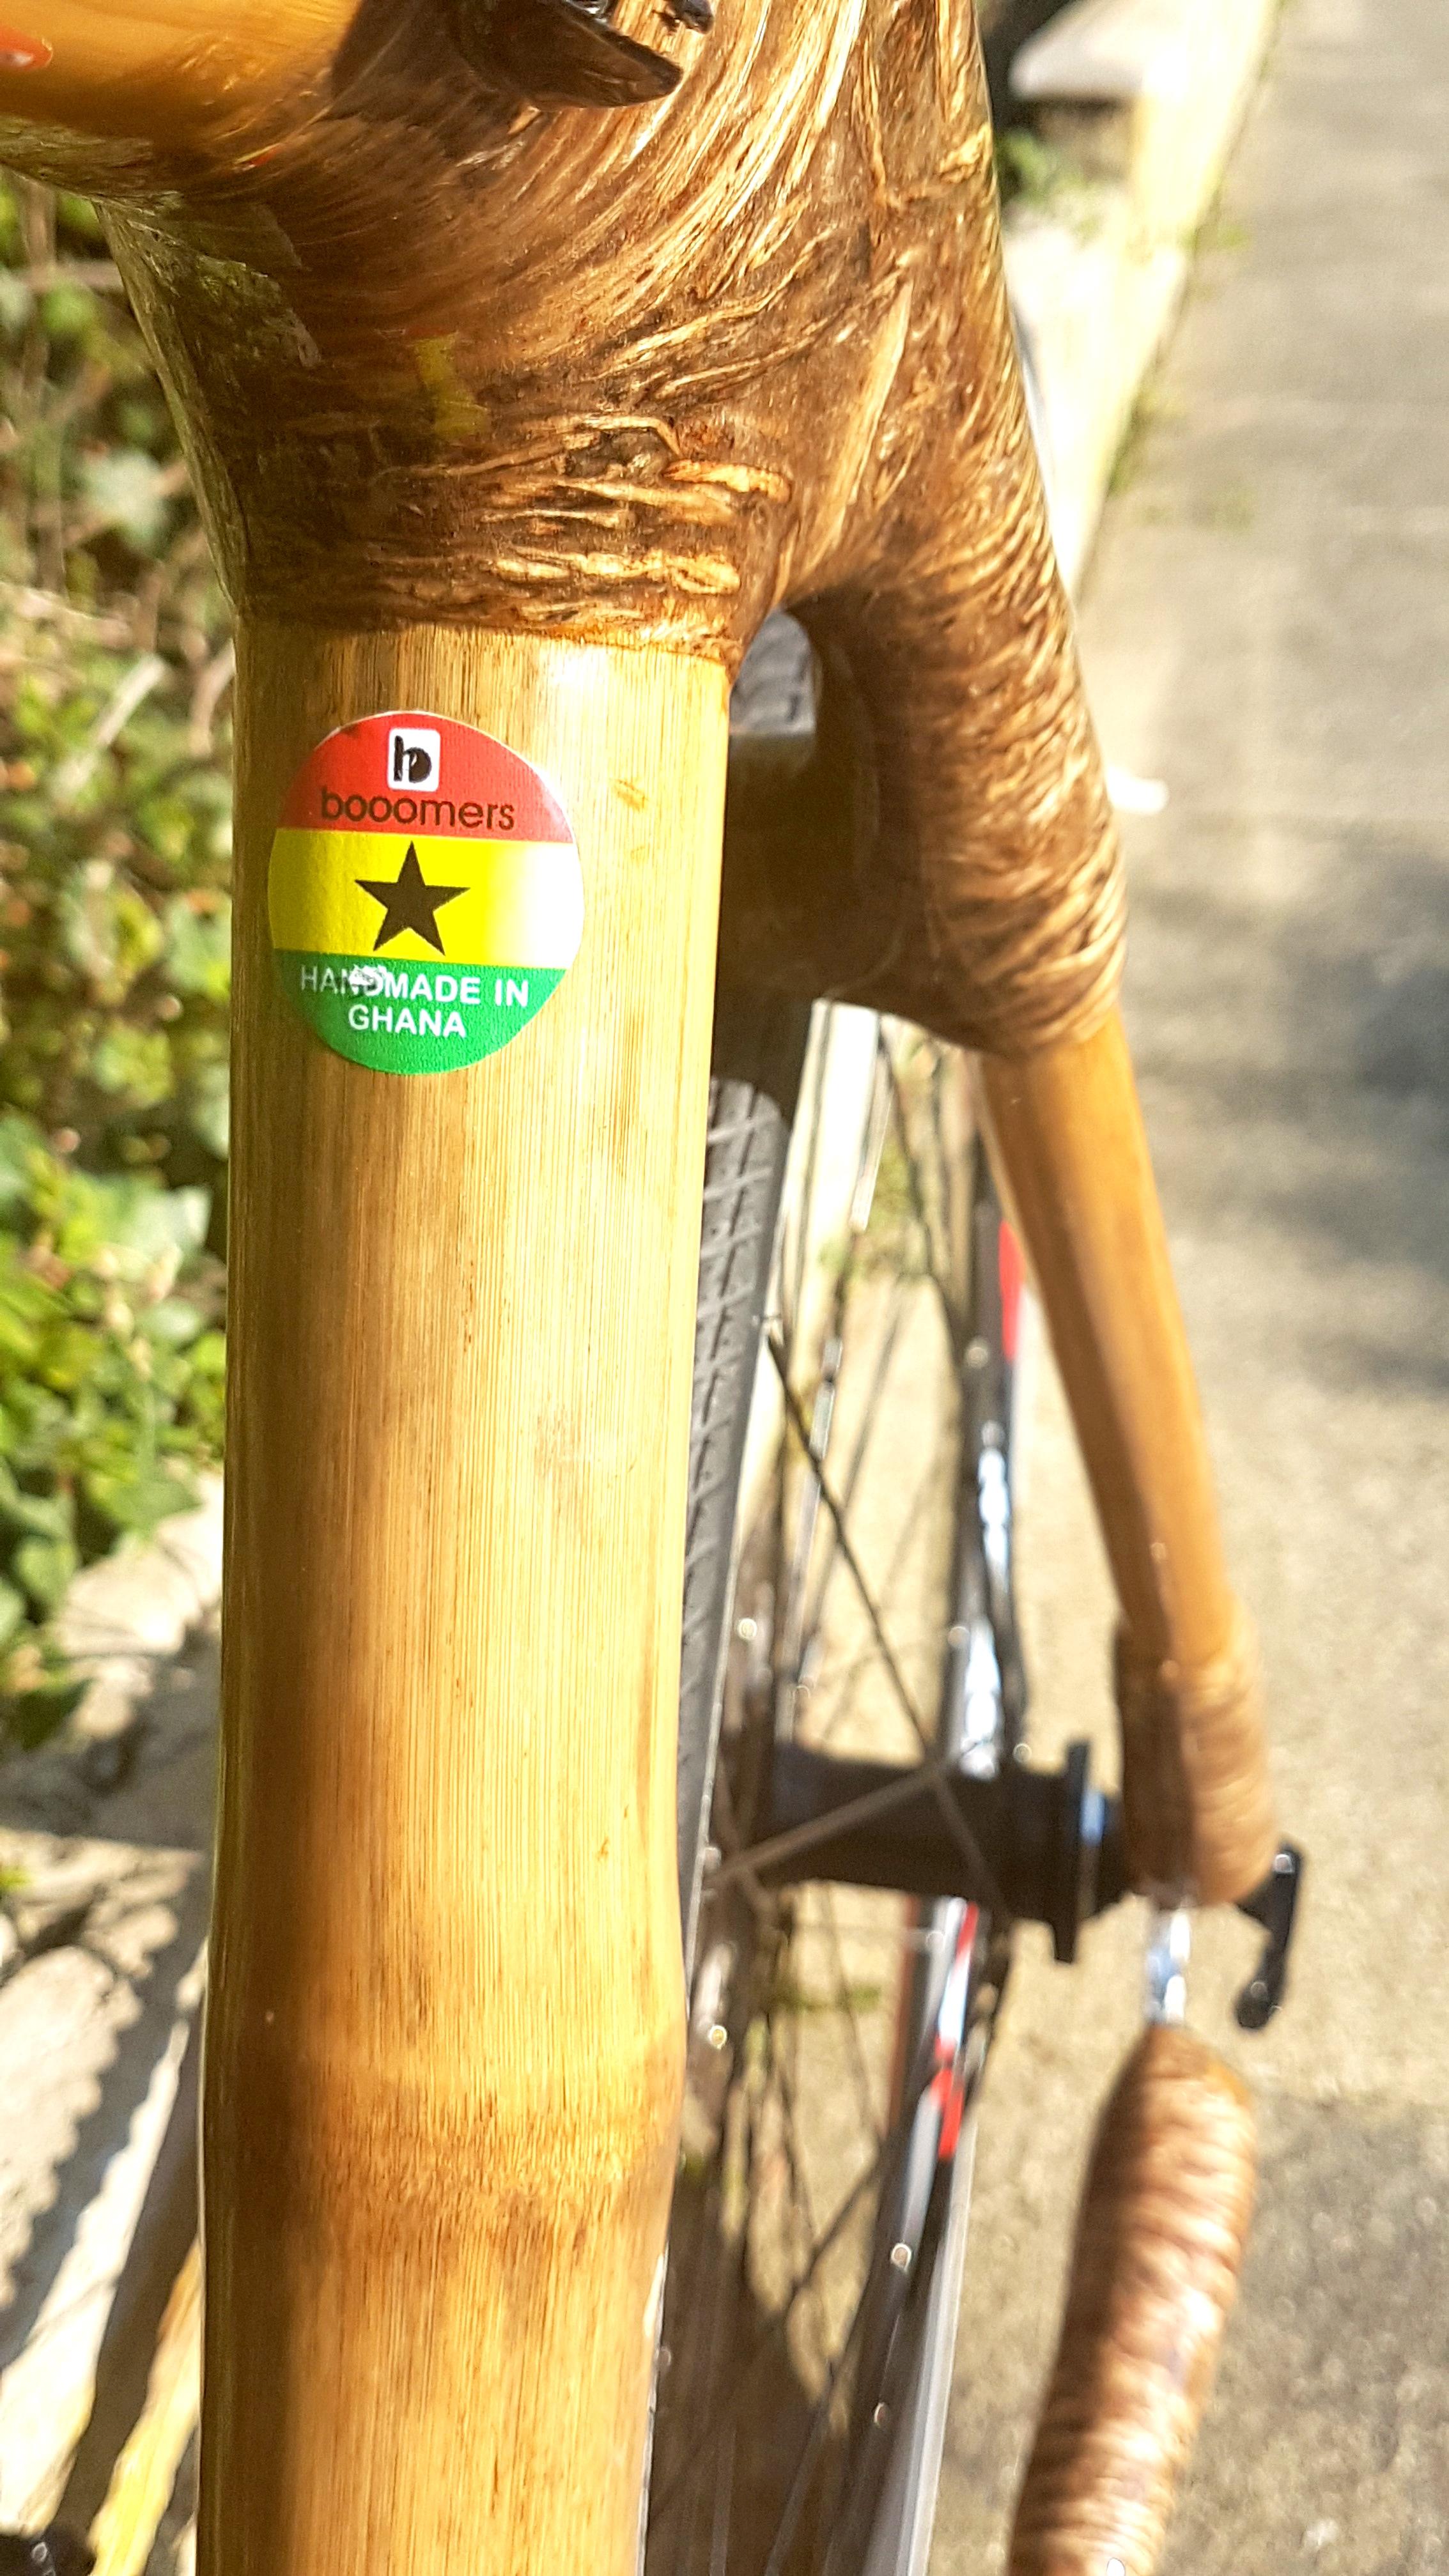 Booomers+bamboo+bike+frame+made+in+Ghana